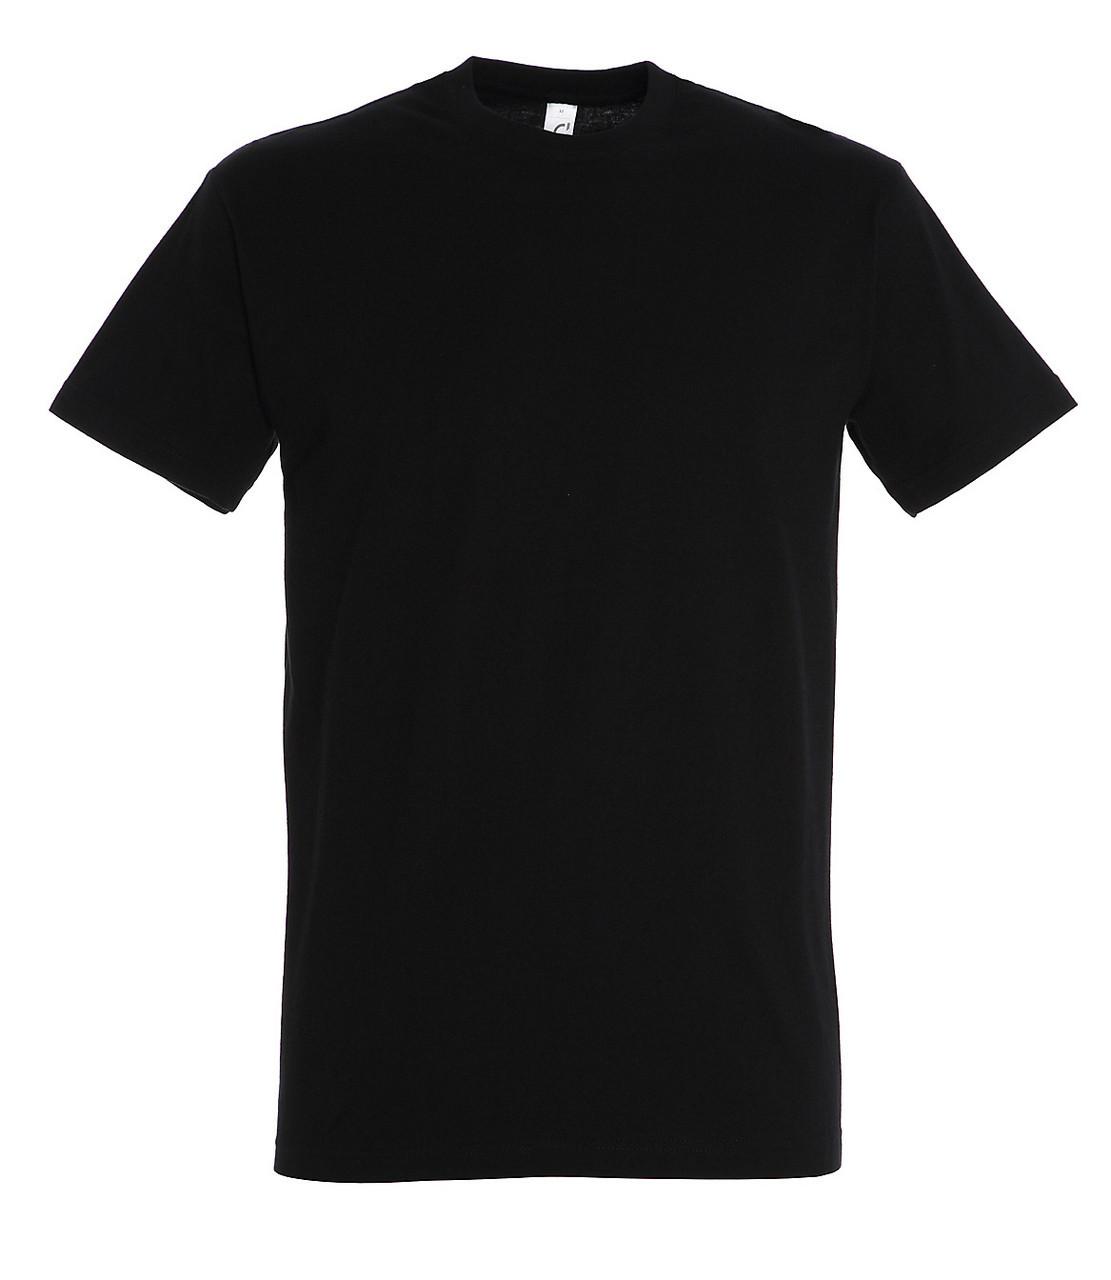 Футболка 100% хлопок, цвет черный, размер L